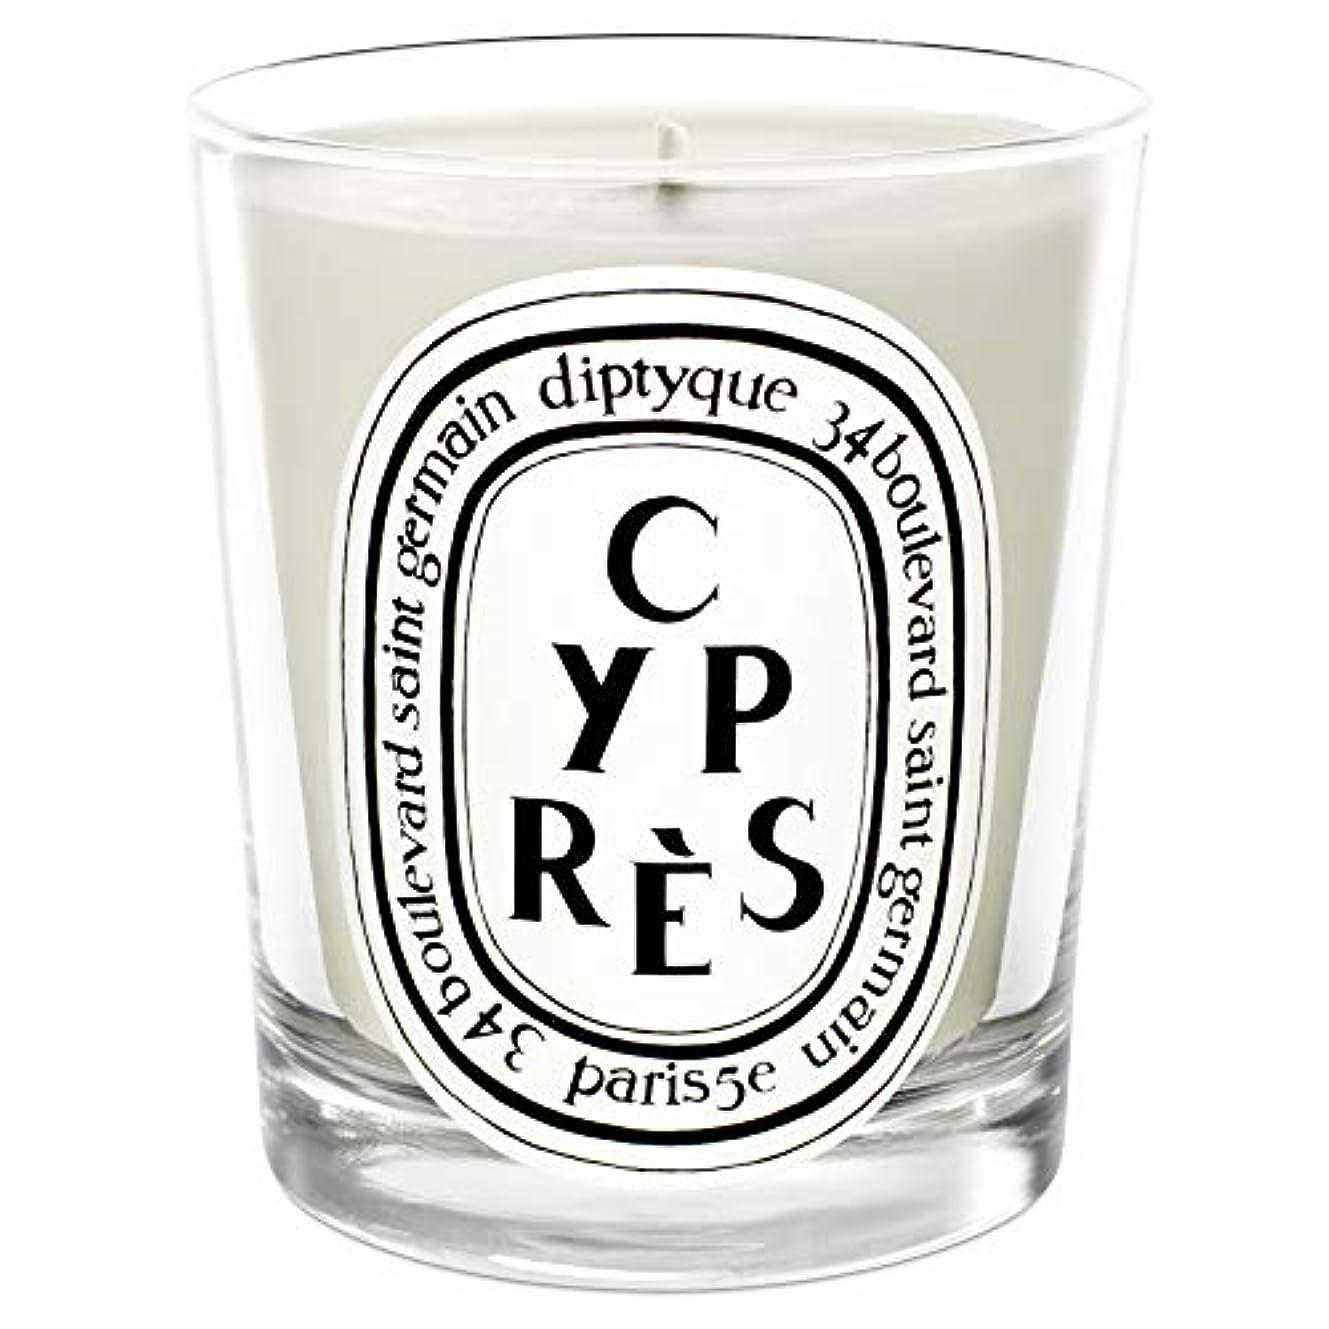 絶望的な運動喜ぶ[Diptyque] DiptyqueのCypr?s香りのキャンドル190グラム - Diptyque Cypr?s Scented Candle 190g [並行輸入品]